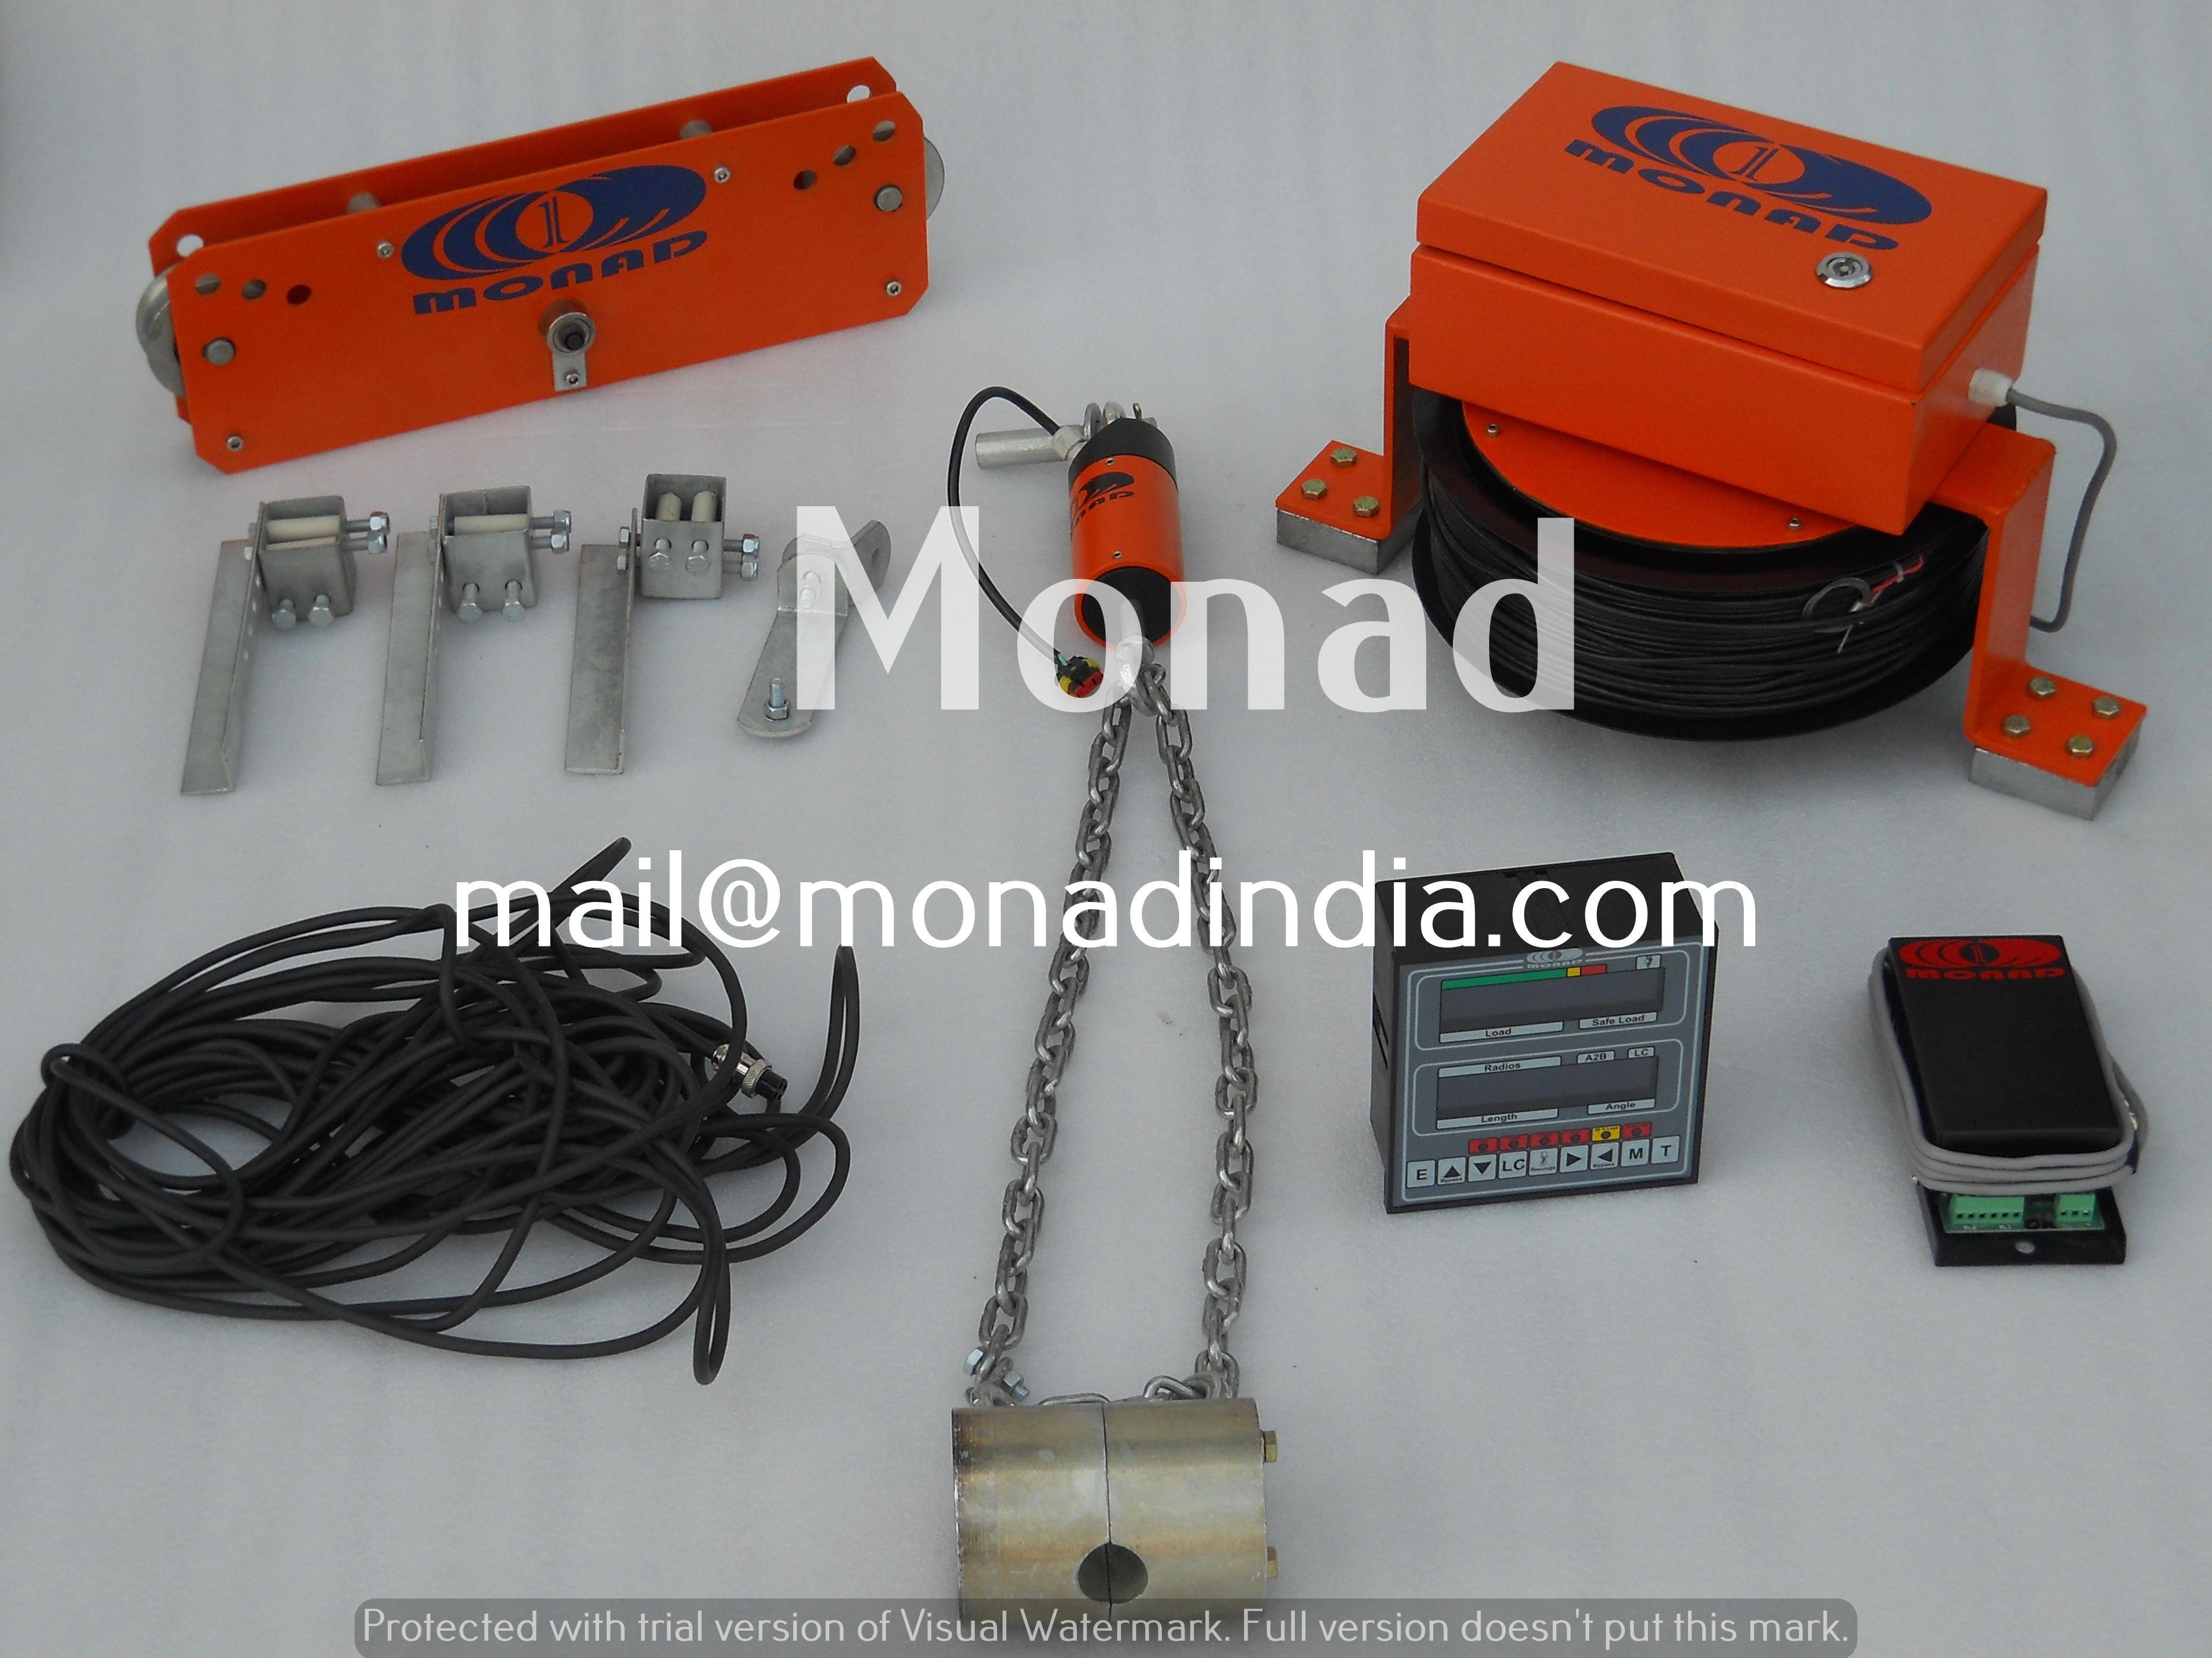 Load Movement Indicator (LMI) For Cranes